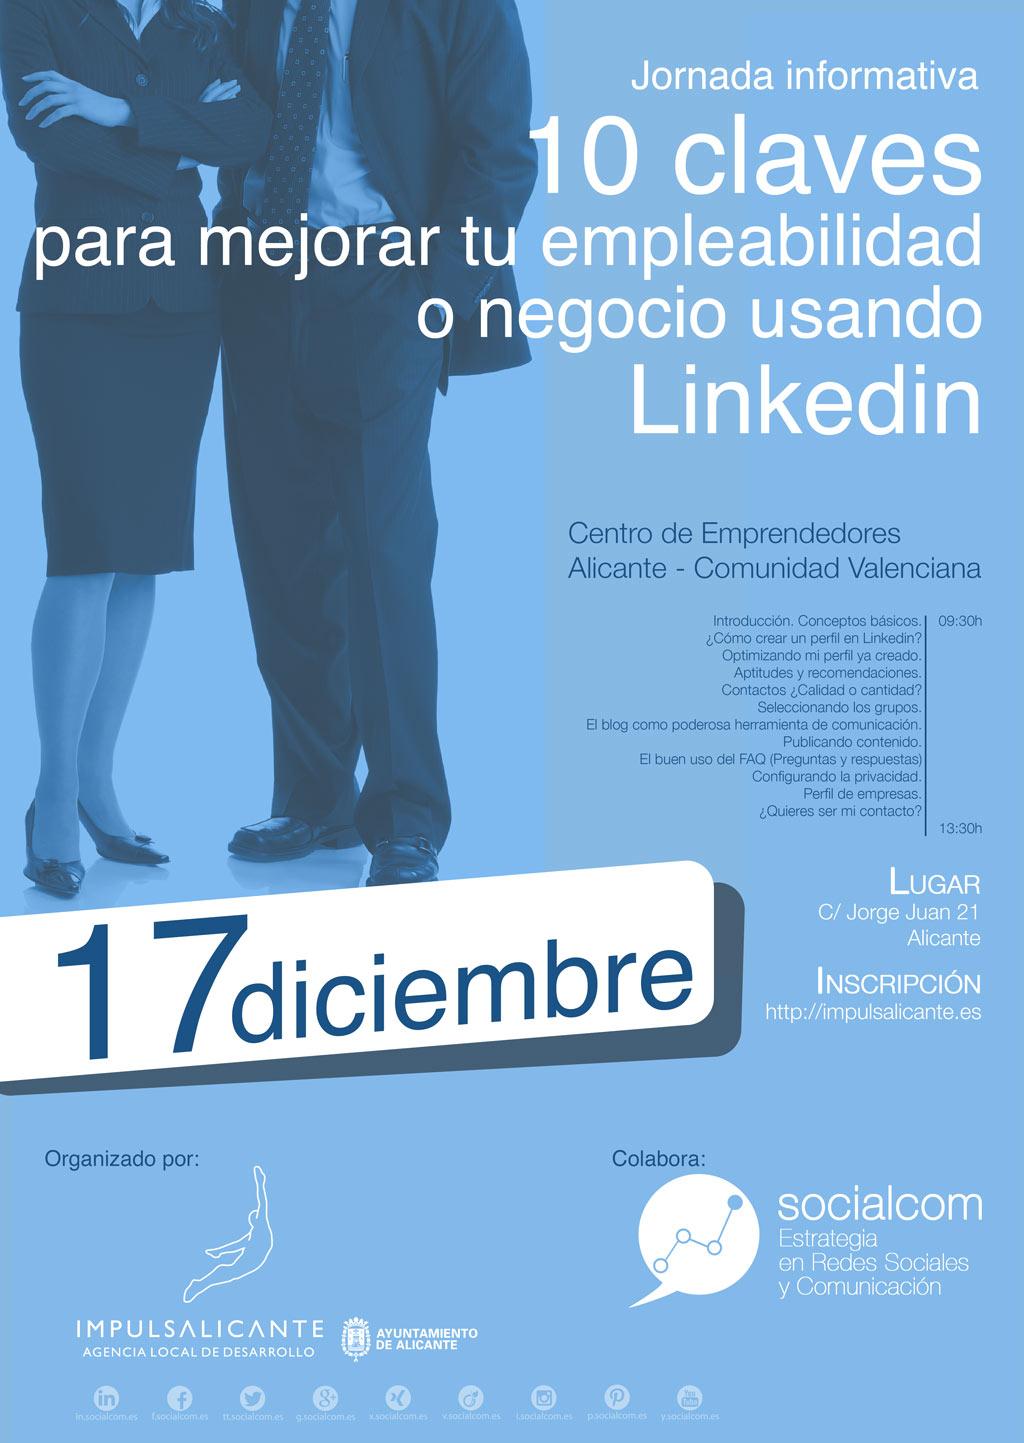 10 claves para mejorar tu empleabilidad o negocio usando Linkedin